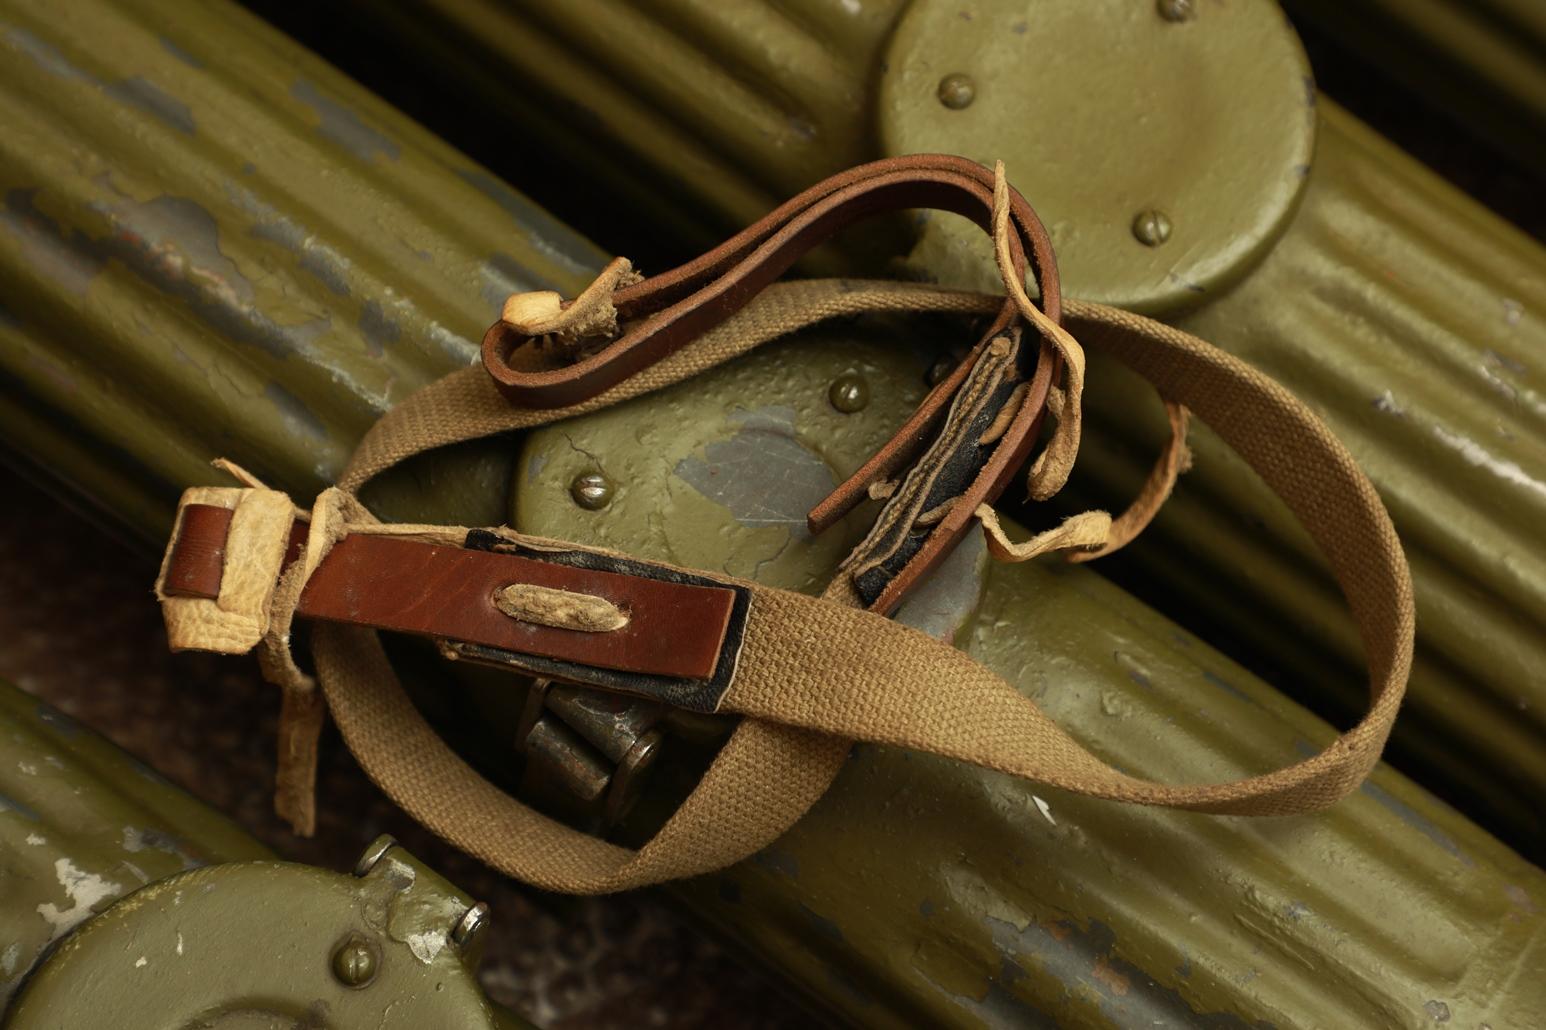 Фото Ремень для ППД, военный выпуск, склад